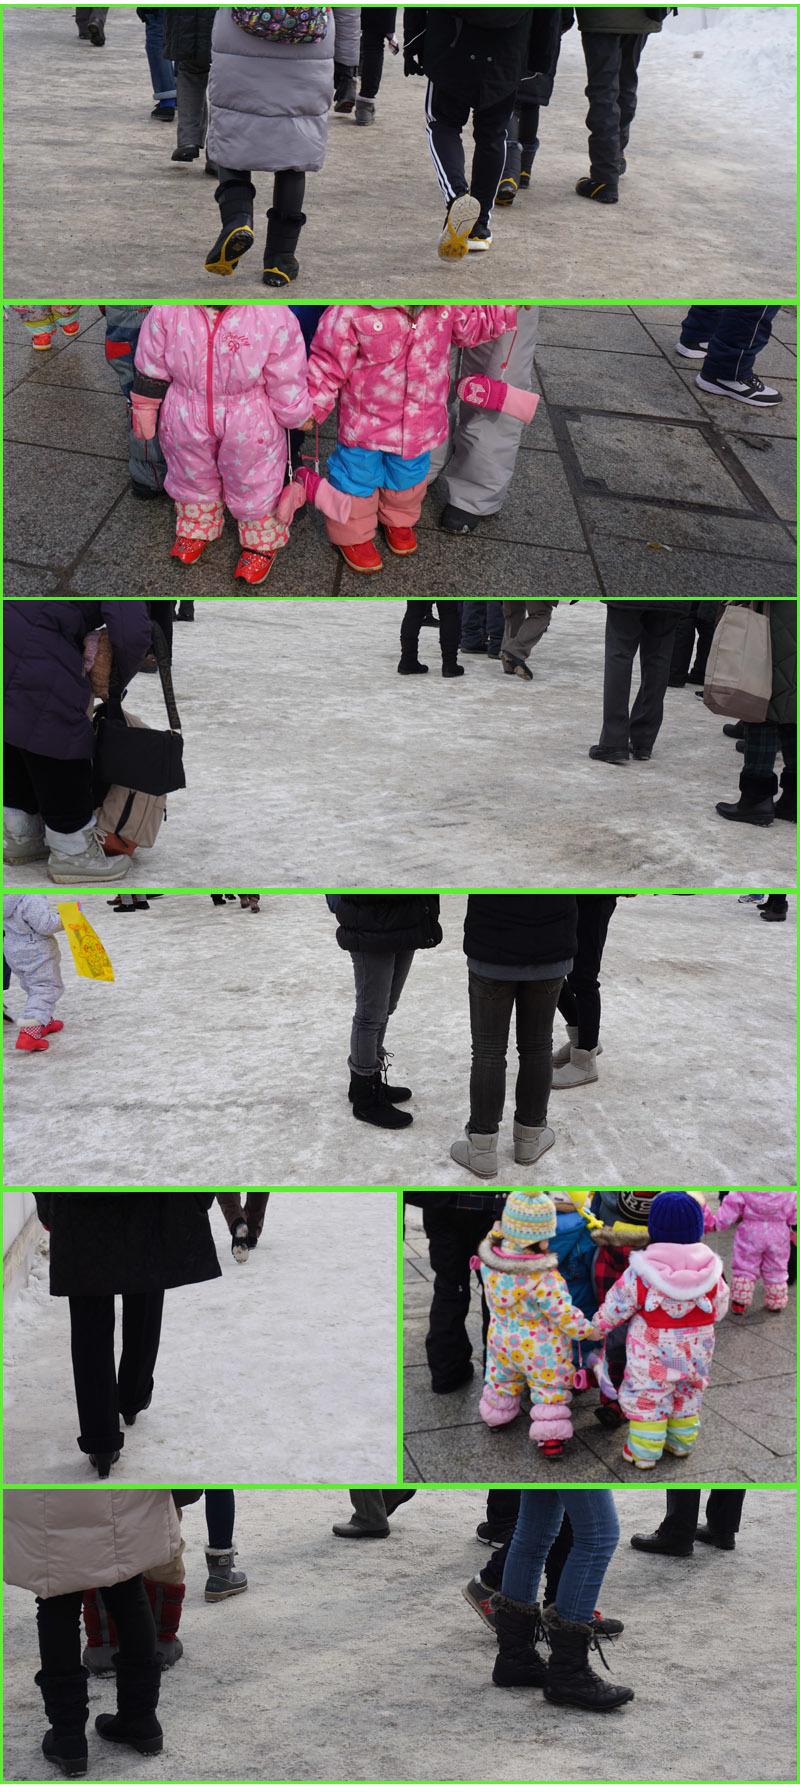 札幌雪祭りにどんな靴履いて行きますか?_b0019313_17424739.jpg